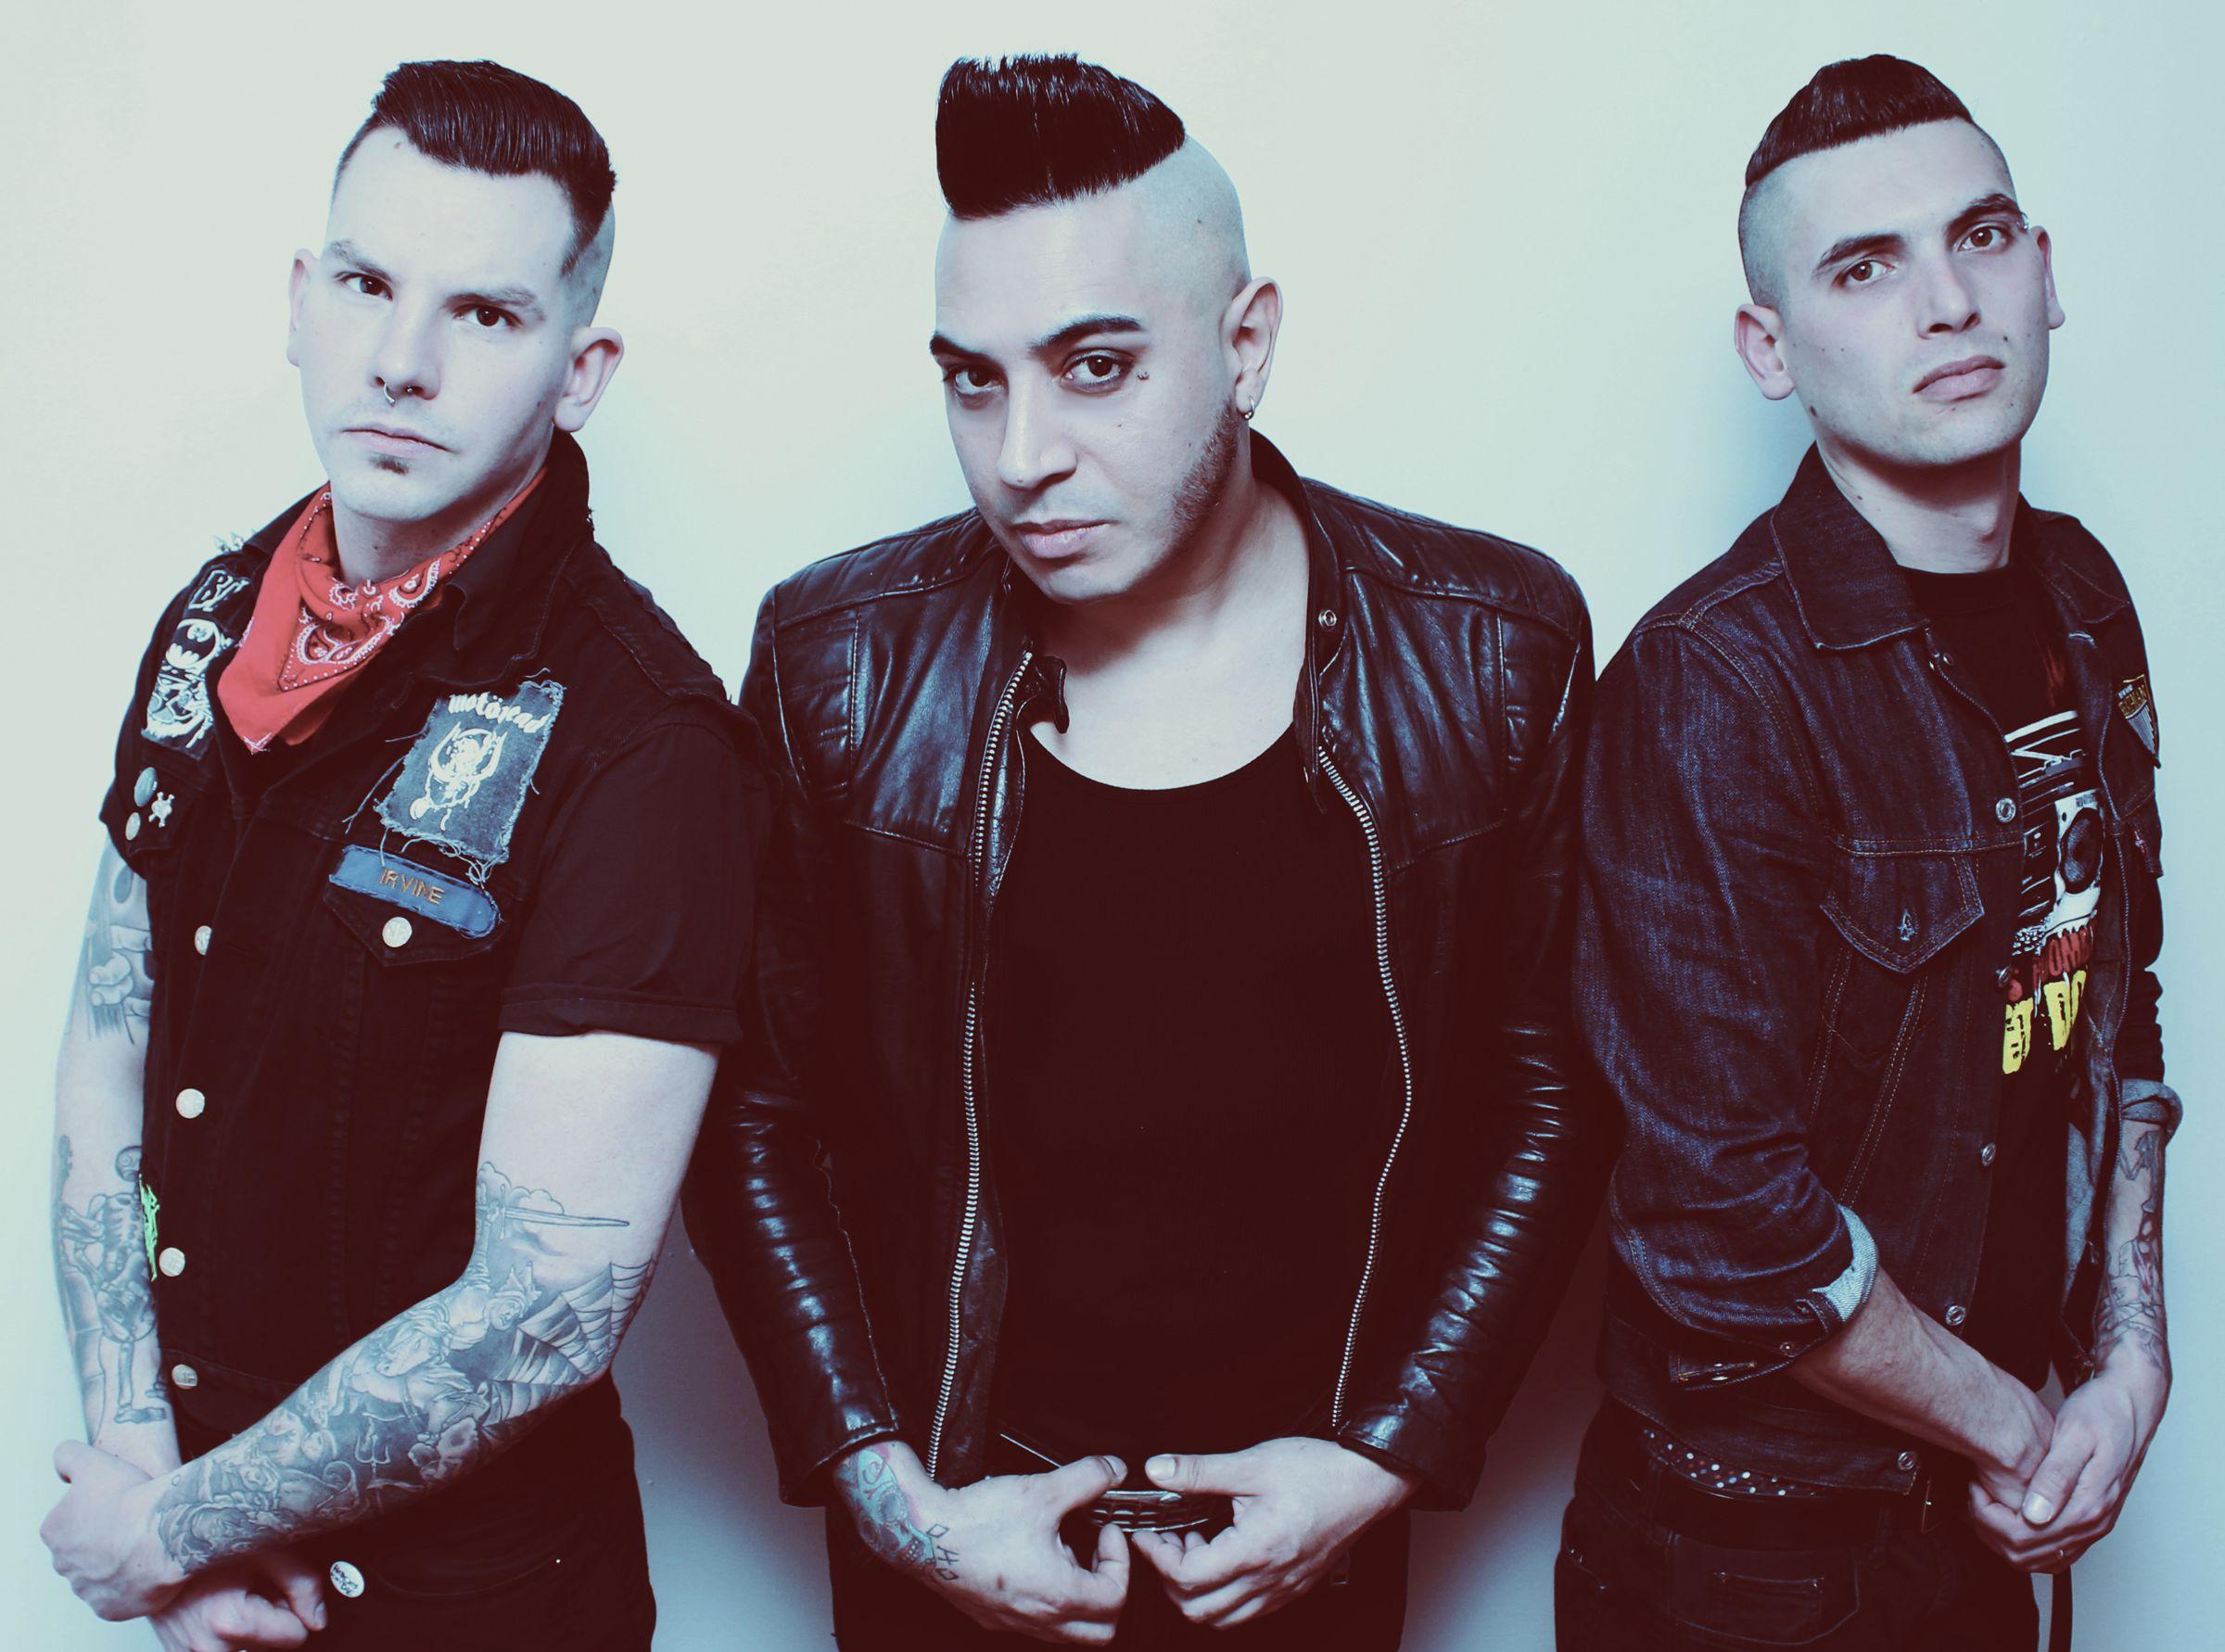 The Brains | Rockabilly bands, Psychobilly bands, Psychobilly